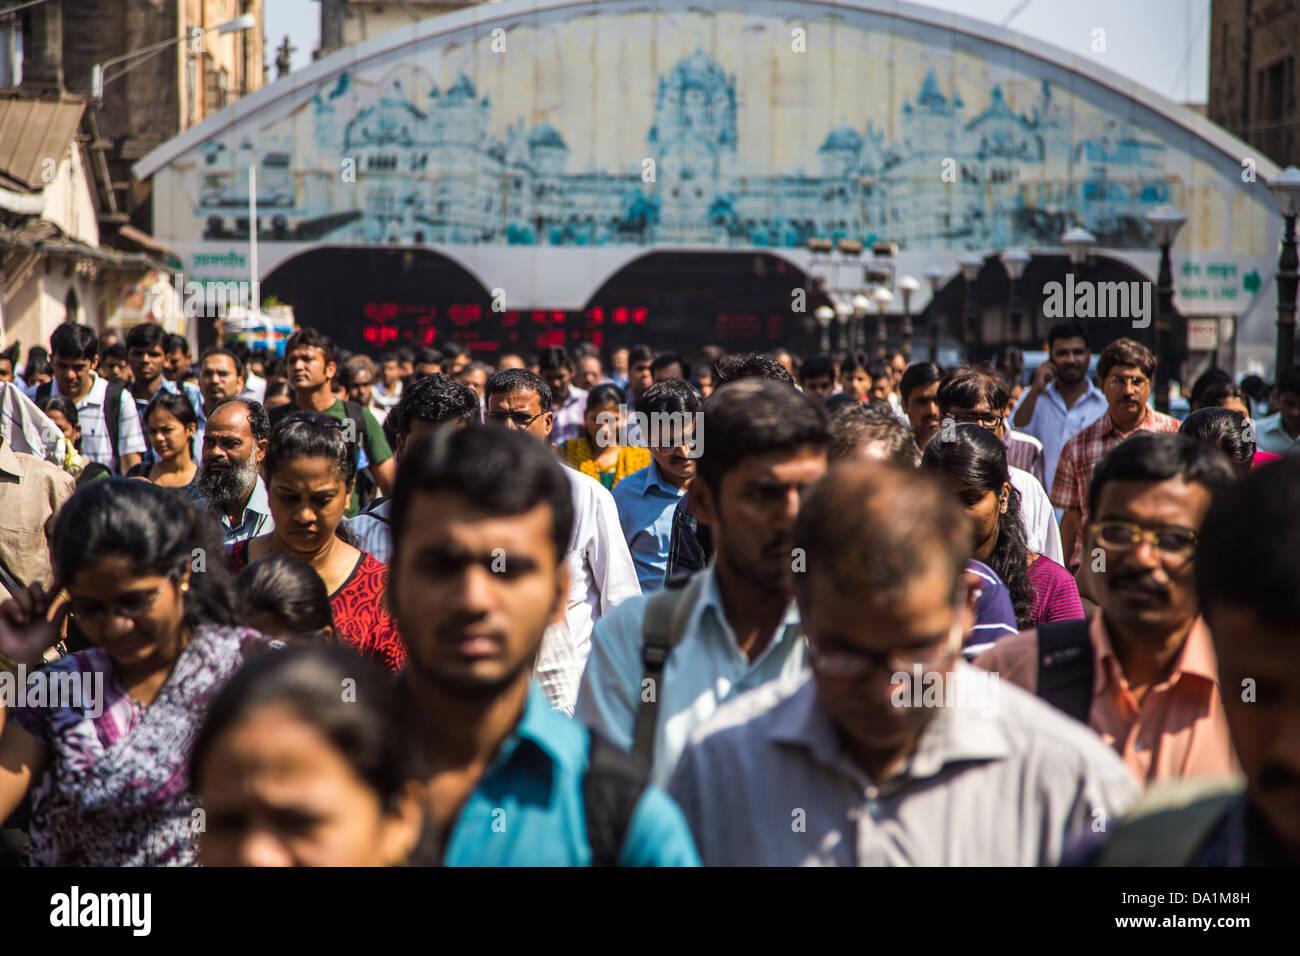 Chattrapati Shivaji or Victoria Terminus, Mumbai, India - Stock Image